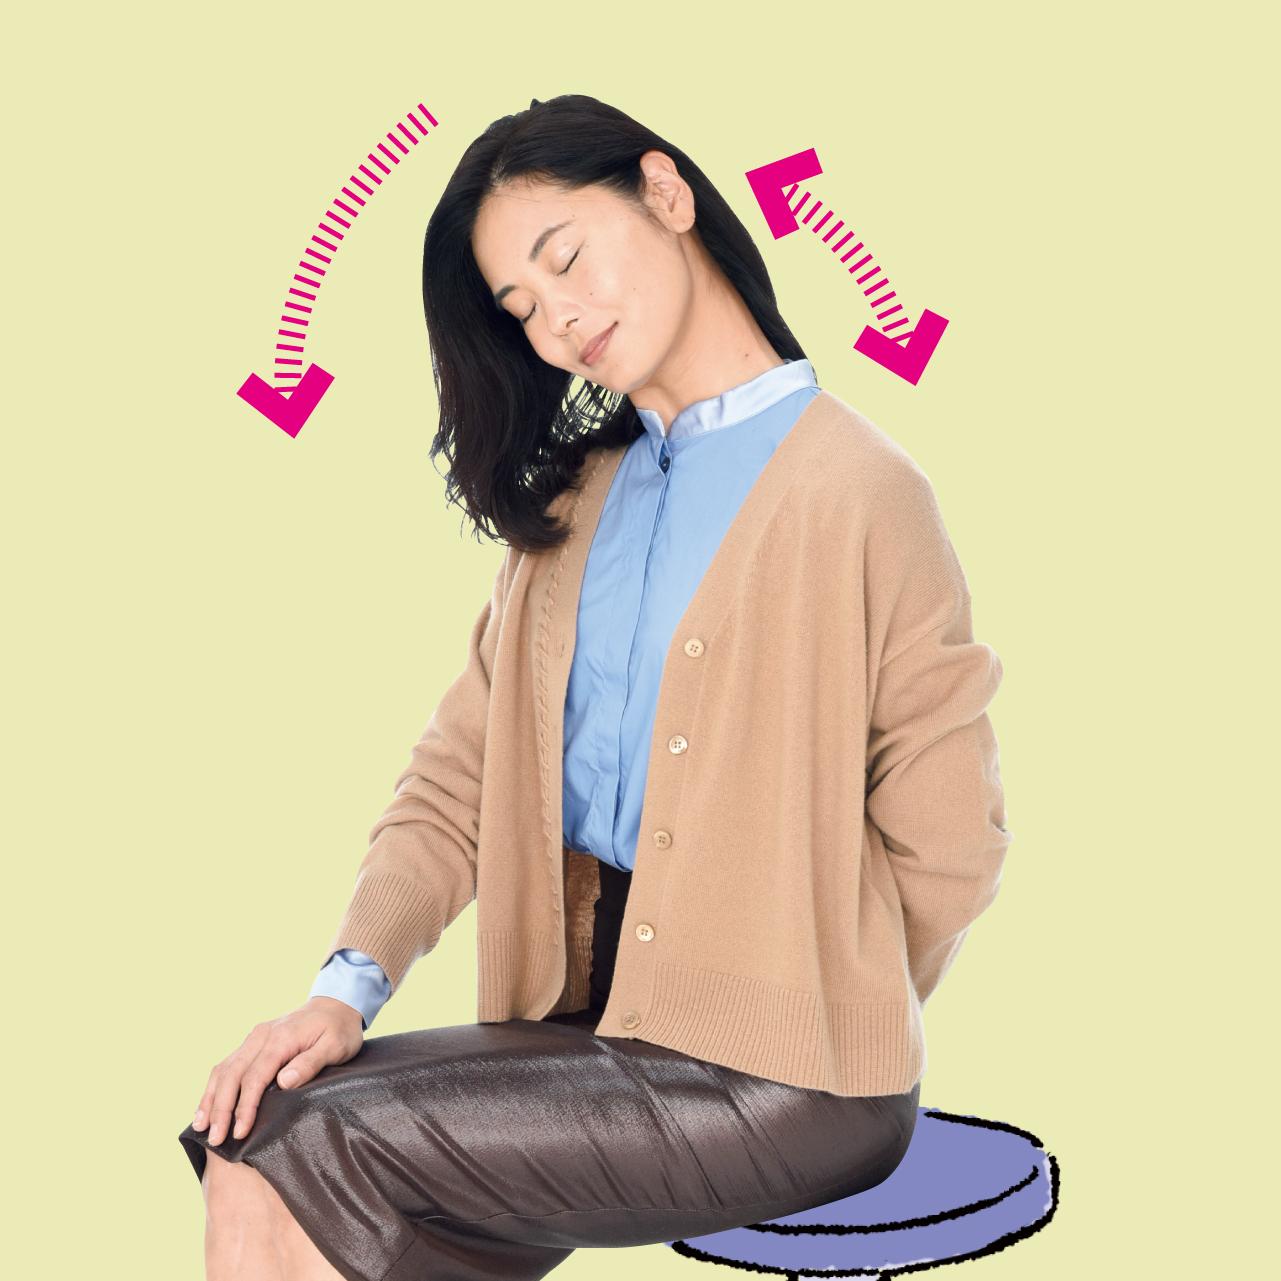 伸ばしたいほうの手の甲(ここでは左手)を反対のお尻に固定して、頭を斜め右前に倒した状態を正面から見た場合